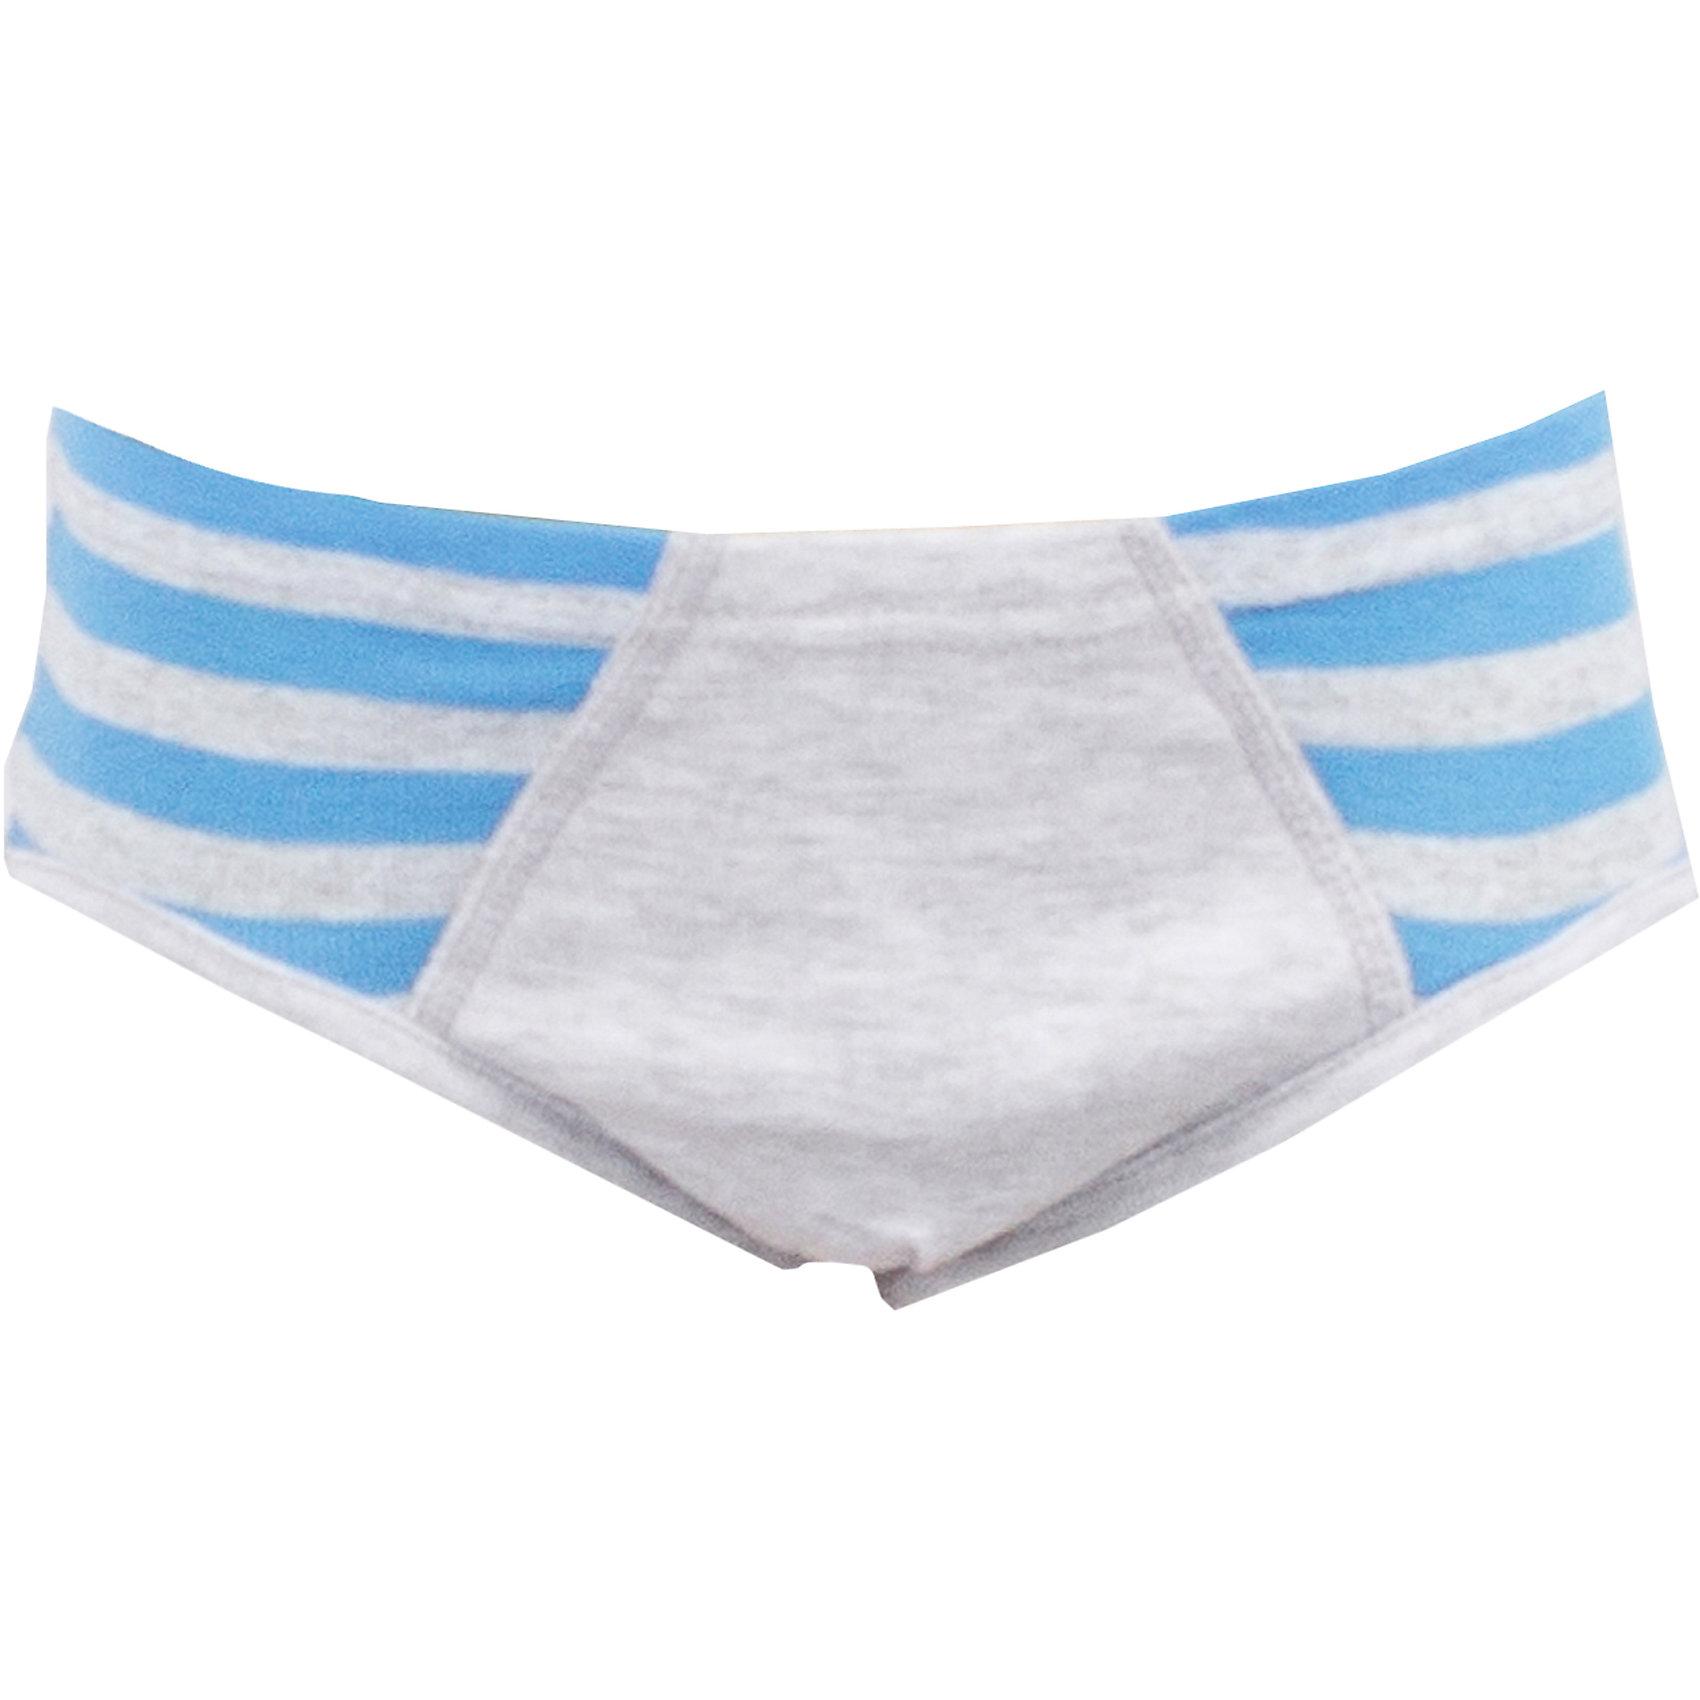 Трусы для мальчика АпрельНижнее бельё<br>Характеристики товара:<br><br>• цвет: серый/голубой<br>• состав: хлопок 70%, полиэстер 30%<br>• эластичный мягкий трикотаж<br>• мягкая окантовка<br>• швы не натирают<br>• натуральный материал<br>• позволяет телу дышать<br>• гипоаллергенная ткань<br>• страна бренда: Российская Федерация<br>• страна производства: Российская Федерация<br><br>Трусы-плавки для мальчика. Трусы с мягкой окантовкой краев.<br><br>Трусы для мальчика Апрель можно купить в нашем интернет-магазине.<br><br>Ширина мм: 196<br>Глубина мм: 10<br>Высота мм: 154<br>Вес г: 152<br>Цвет: серый<br>Возраст от месяцев: 84<br>Возраст до месяцев: 96<br>Пол: Мужской<br>Возраст: Детский<br>Размер: 128,98,104,110,116,122<br>SKU: 6715016